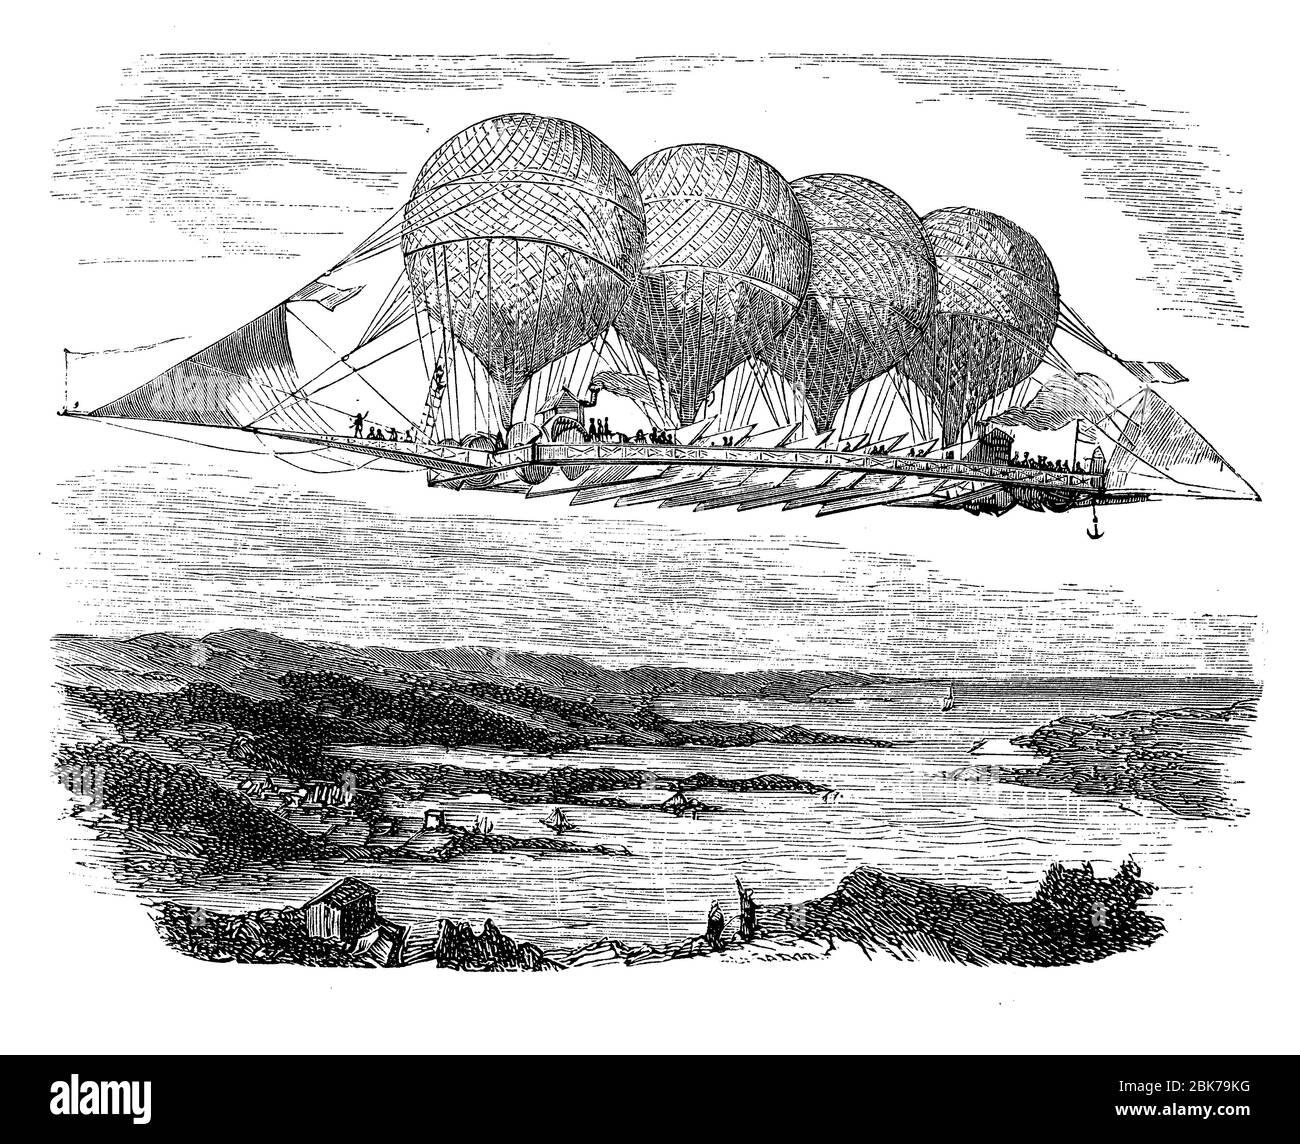 Monsier Petin le ballooniste français a conçu un avion de 160 yards tenu en altitude par quatre ballons avec une plate-forme et un système de direction, 1850 Banque D'Images